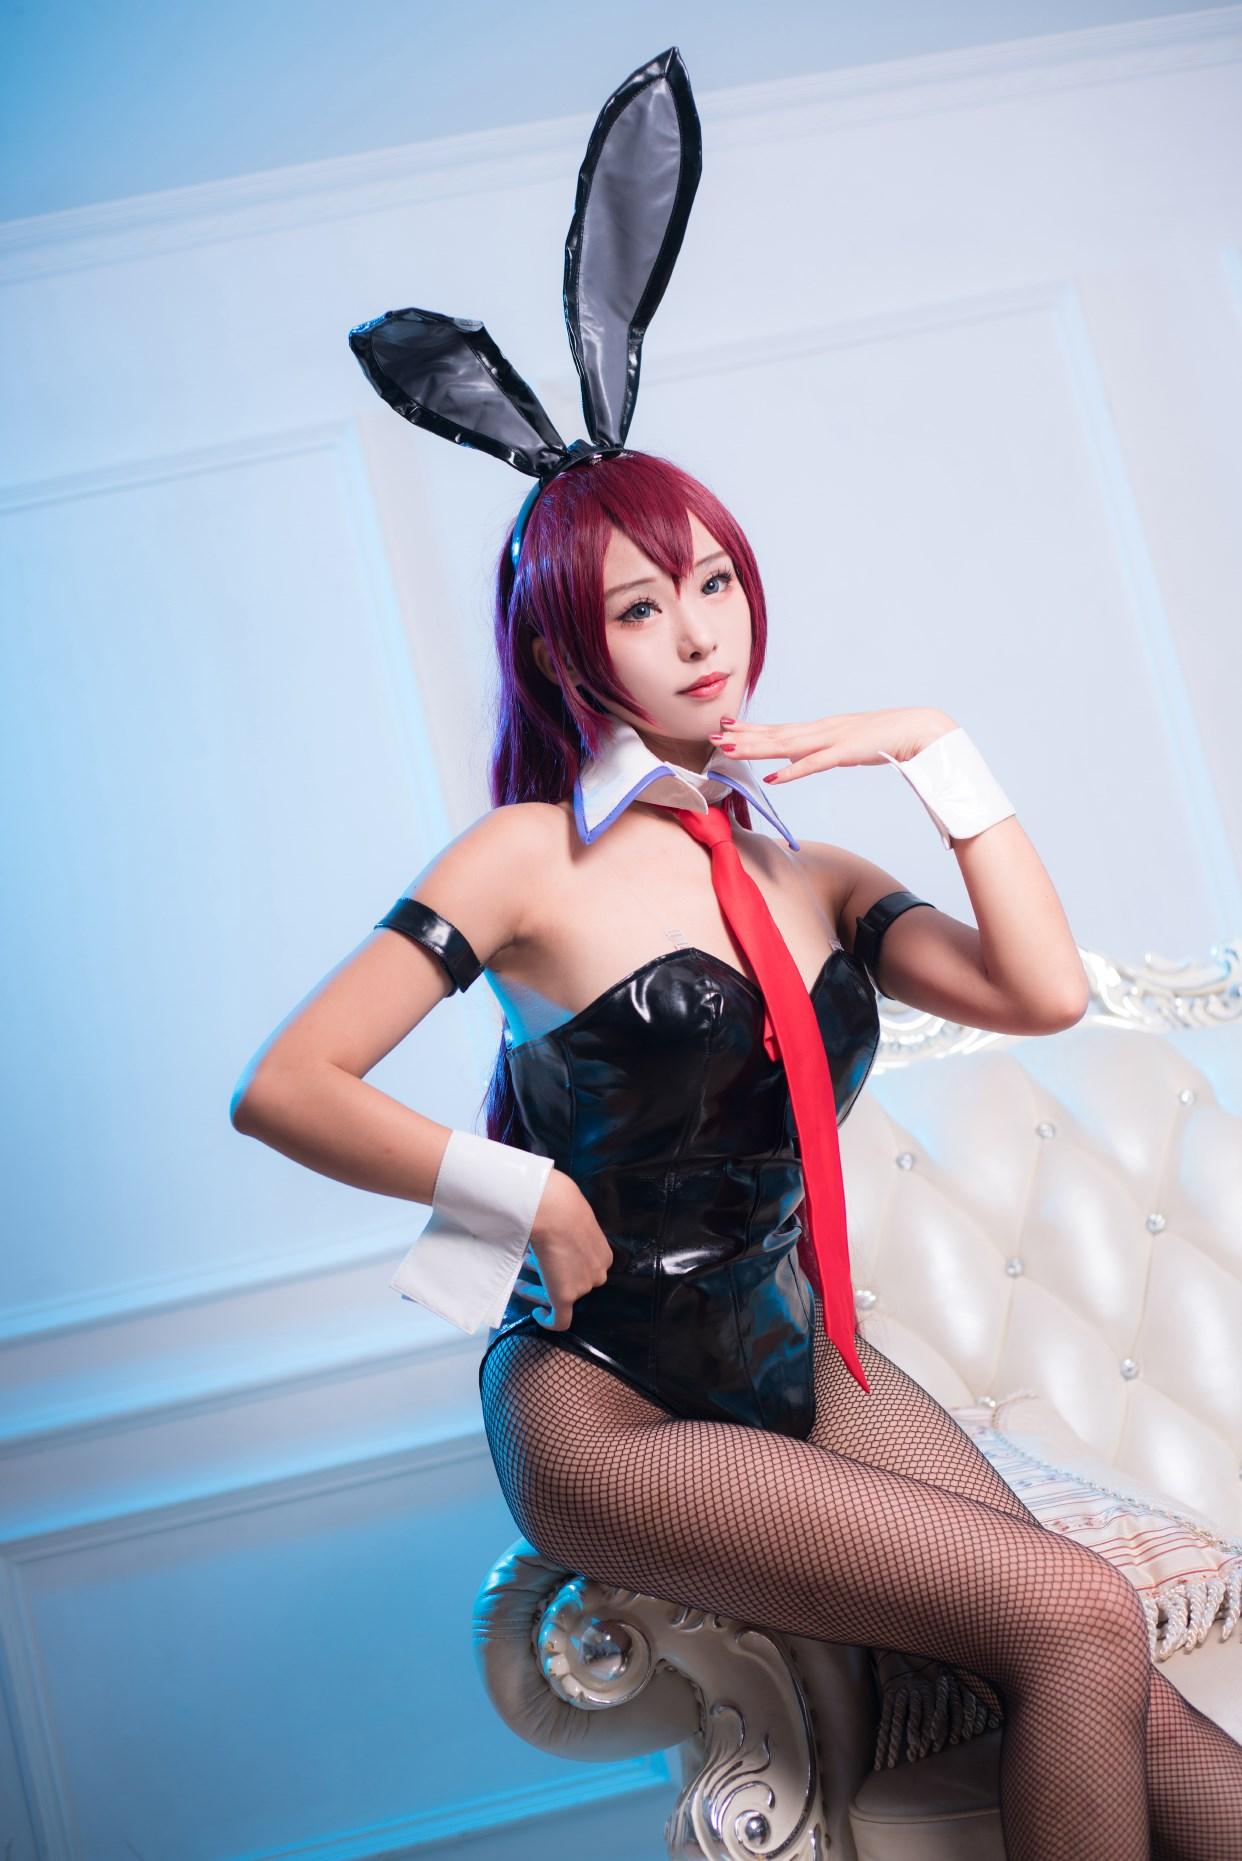 【兔玩映画】兔女郎vol.23-助手 兔玩映画 第35张